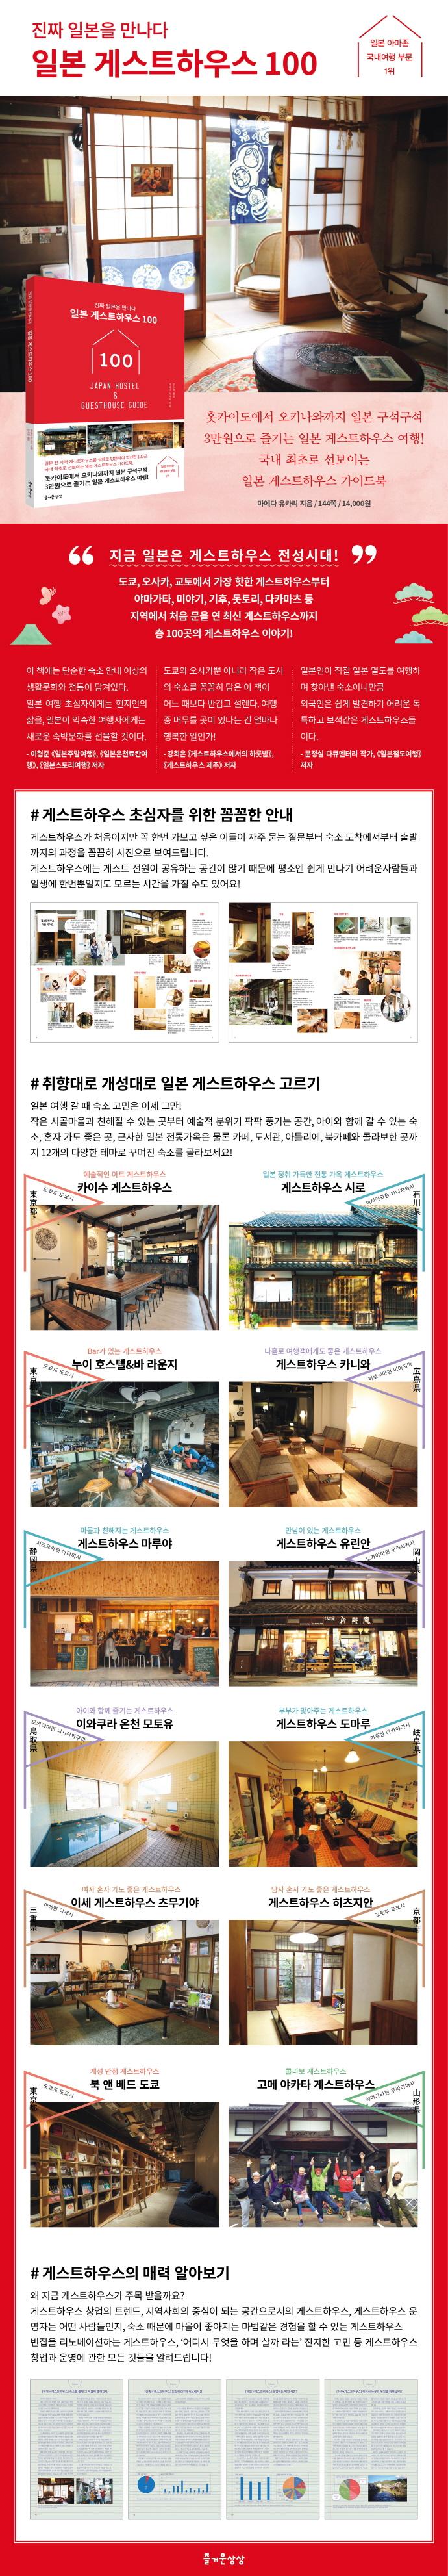 일본 게스트하우스 100 도서 상세이미지